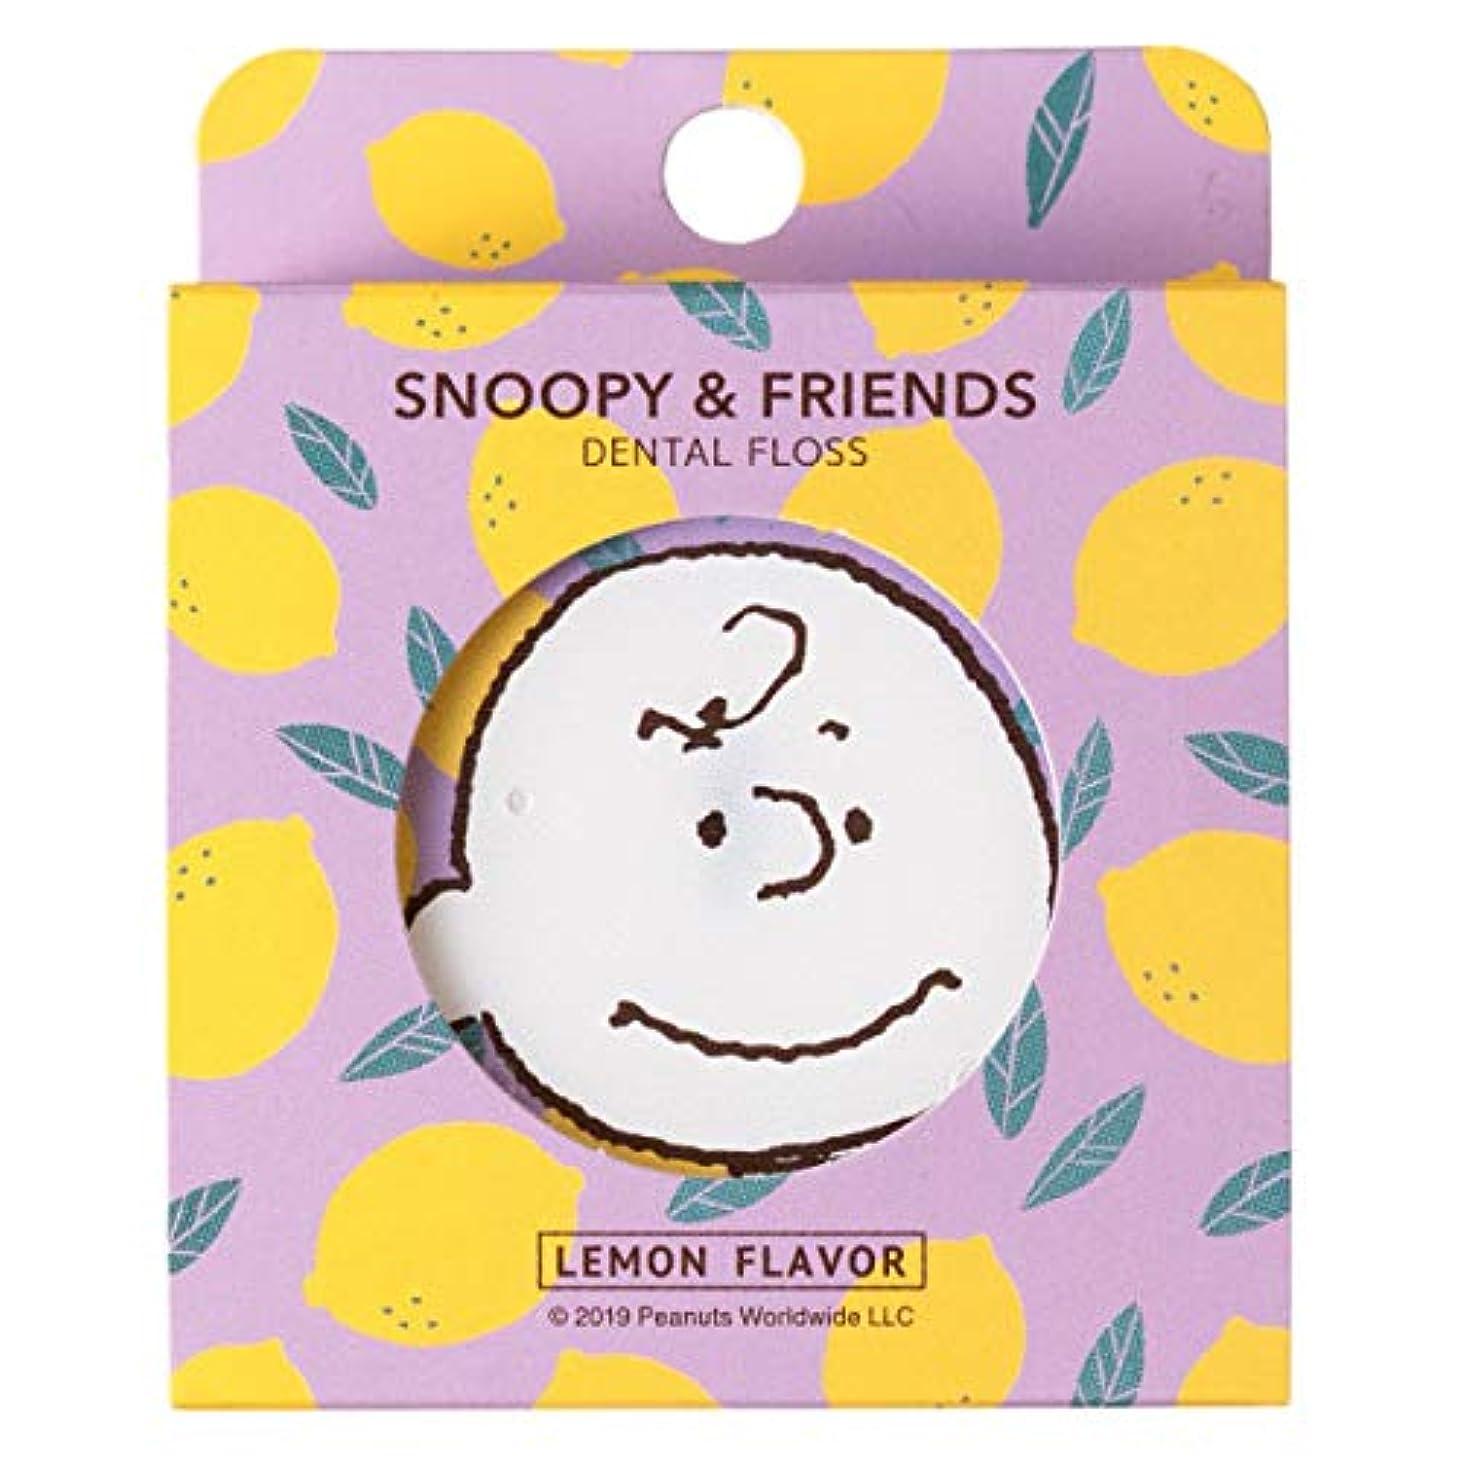 見捨てる農奴塩辛いスヌーピー&フレンズ デンタルフロス レモンの香り 50m 約3ヶ月分